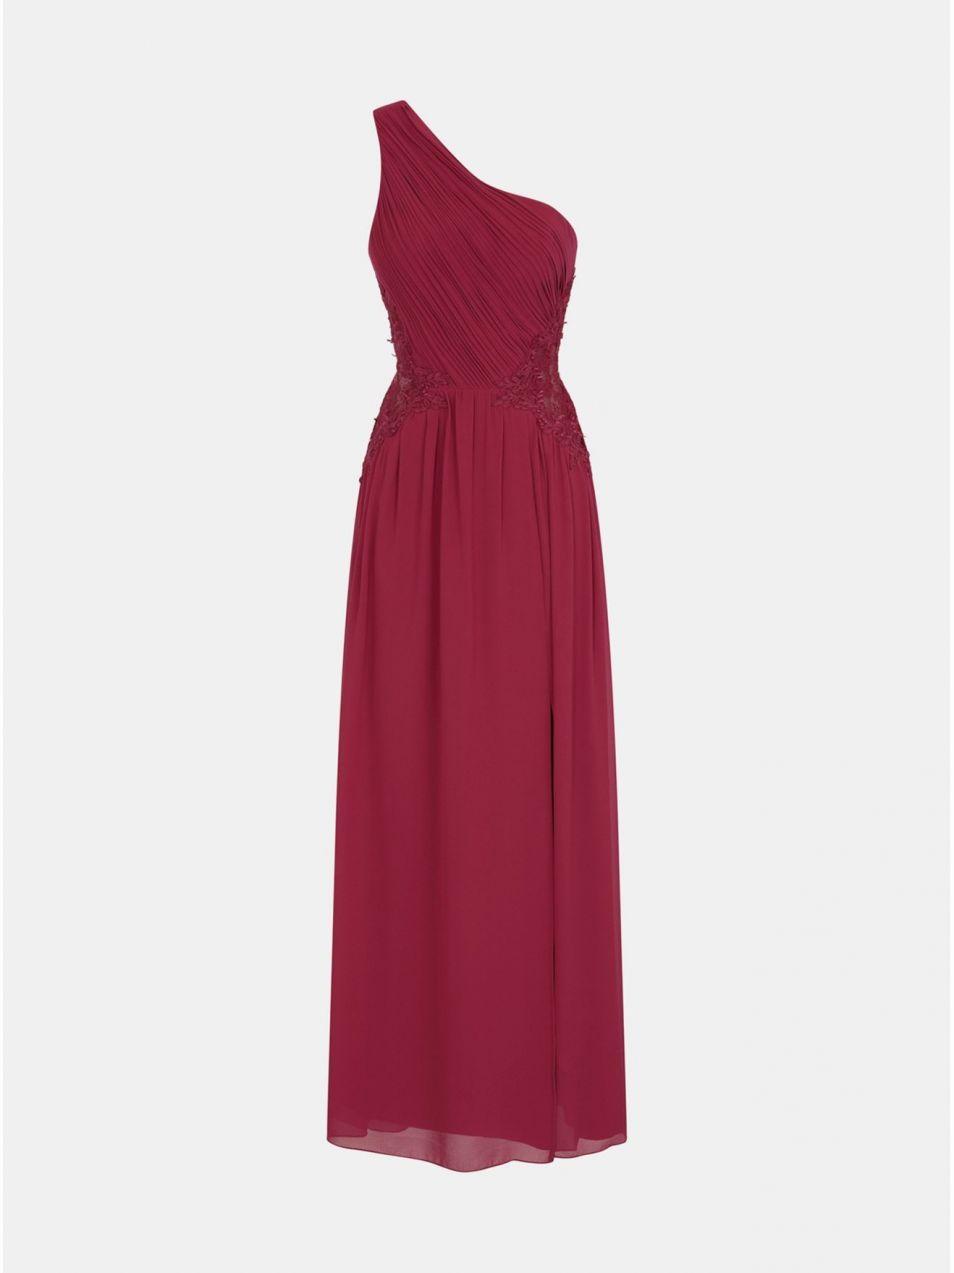 933c701a4402 Vínové šaty s čipkou na bokoch Little Mistress značky Little ...